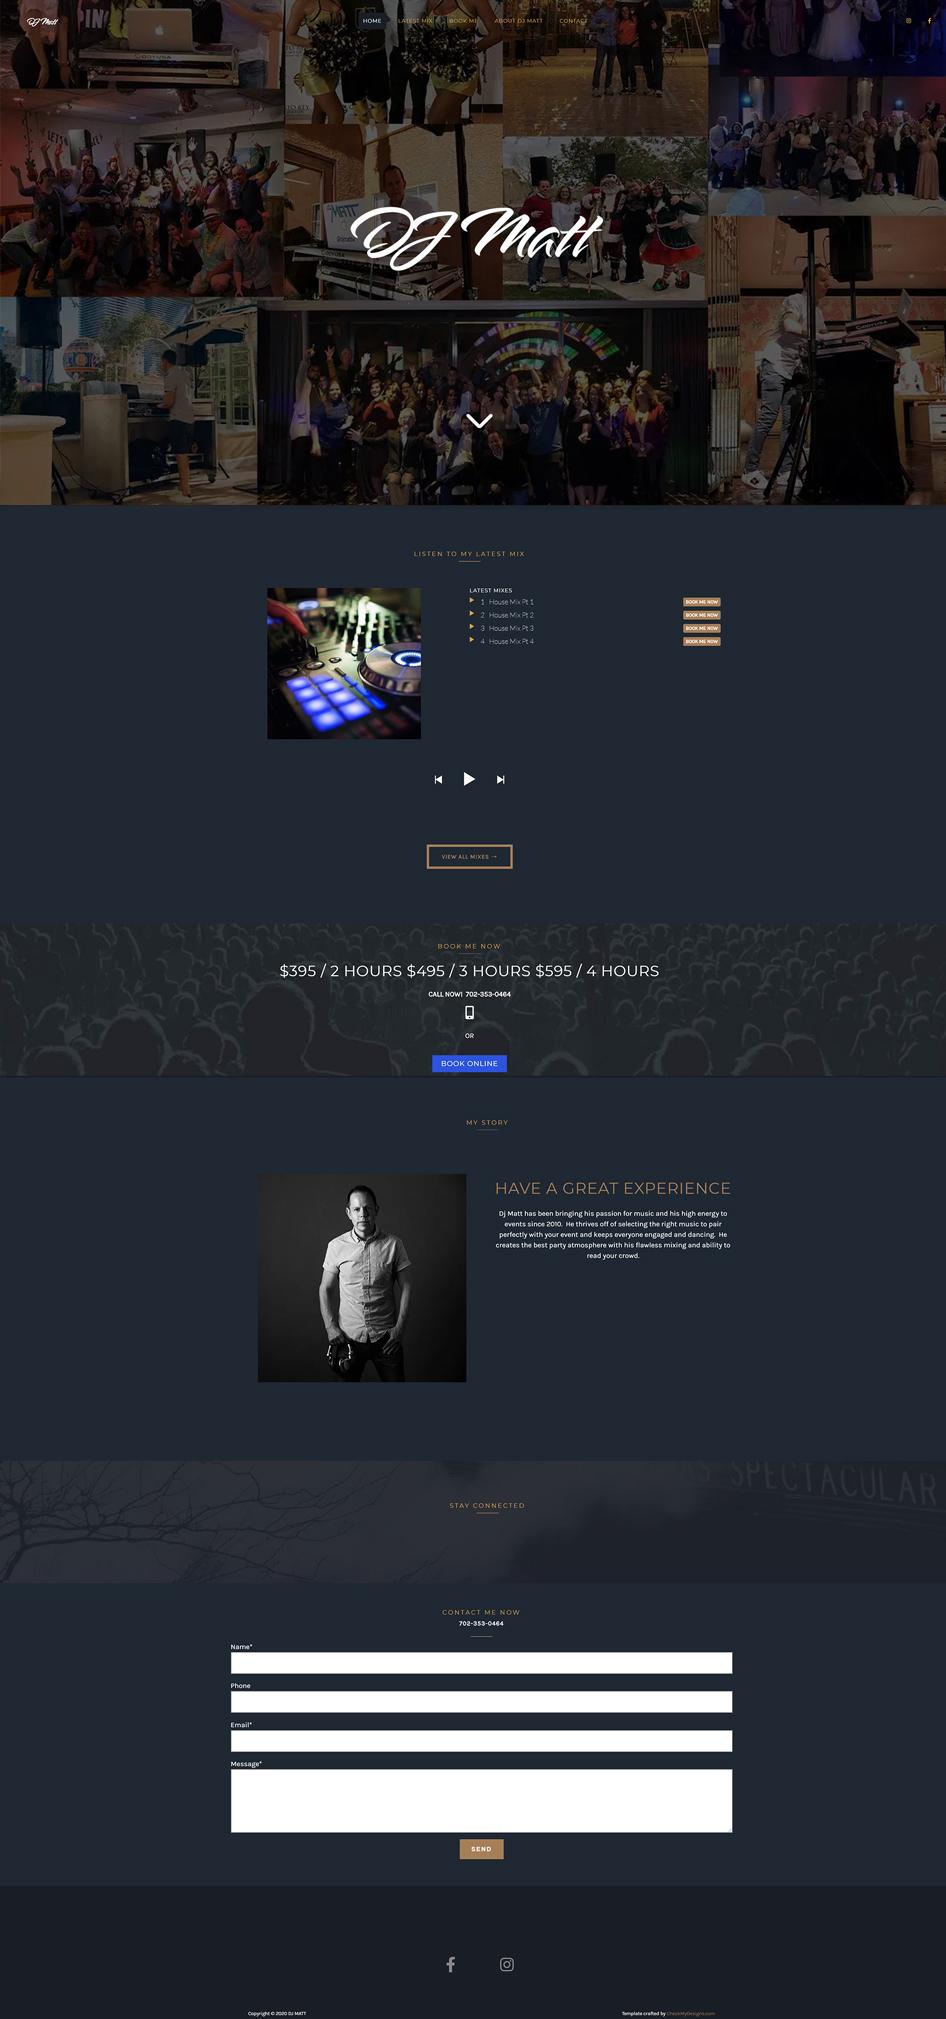 DJ-Matt-LV-Website-Preview